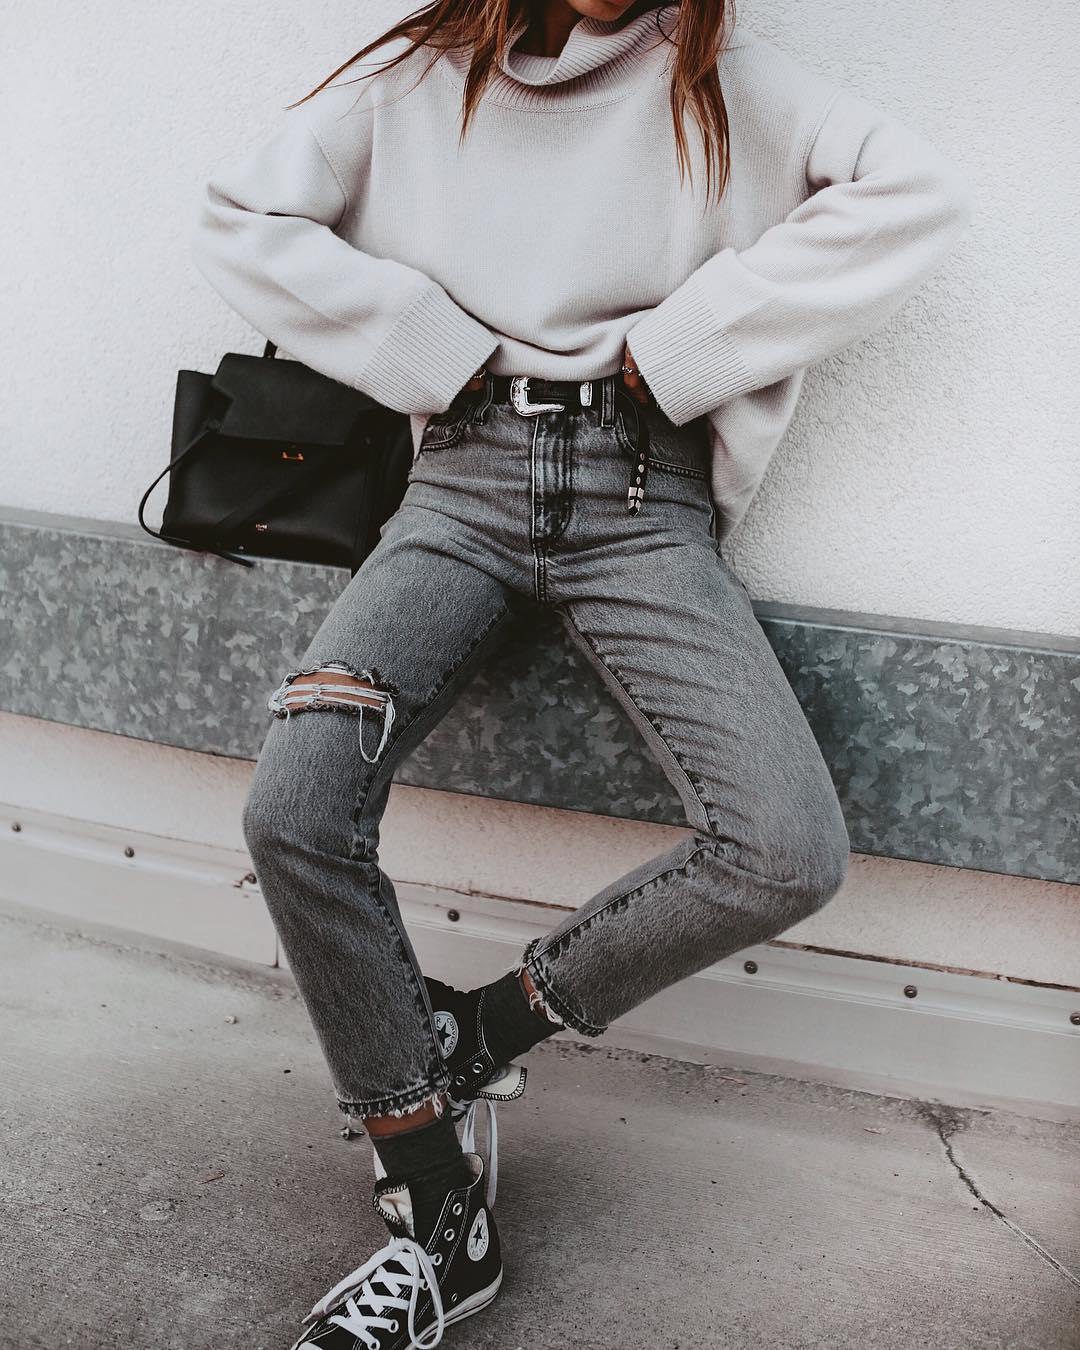 джинсы с кроссовками и кедами фото 16